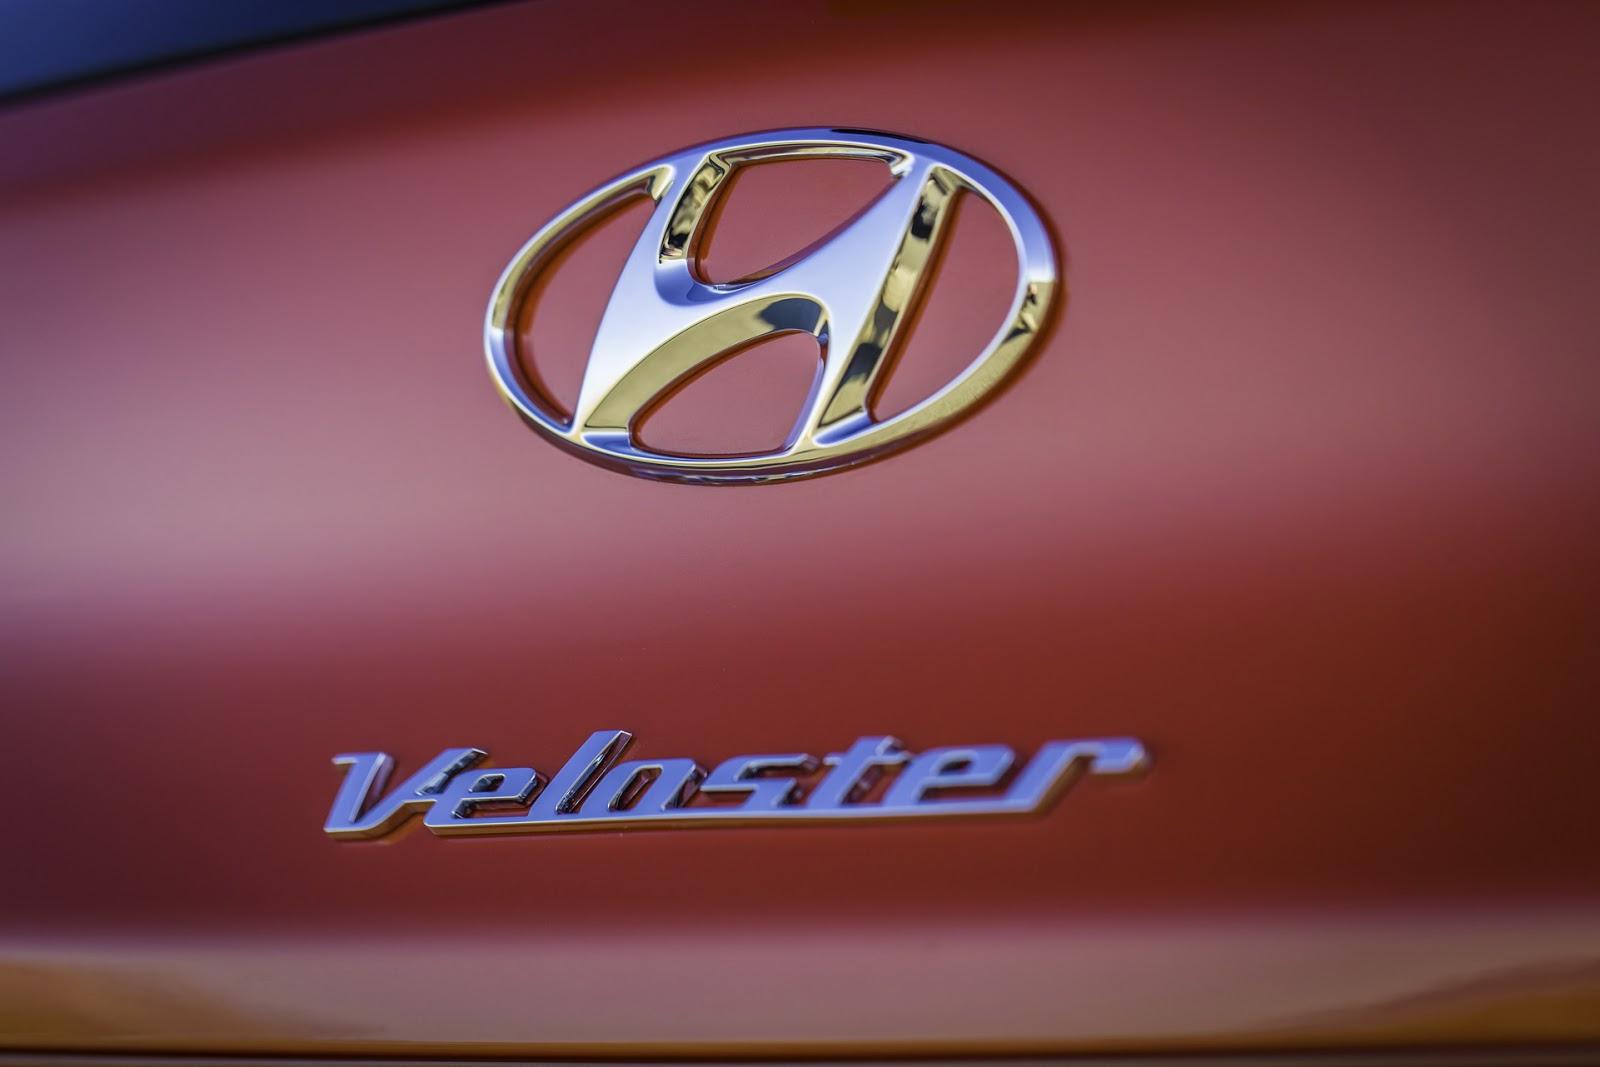 2019-Hyundai-Veloster-73